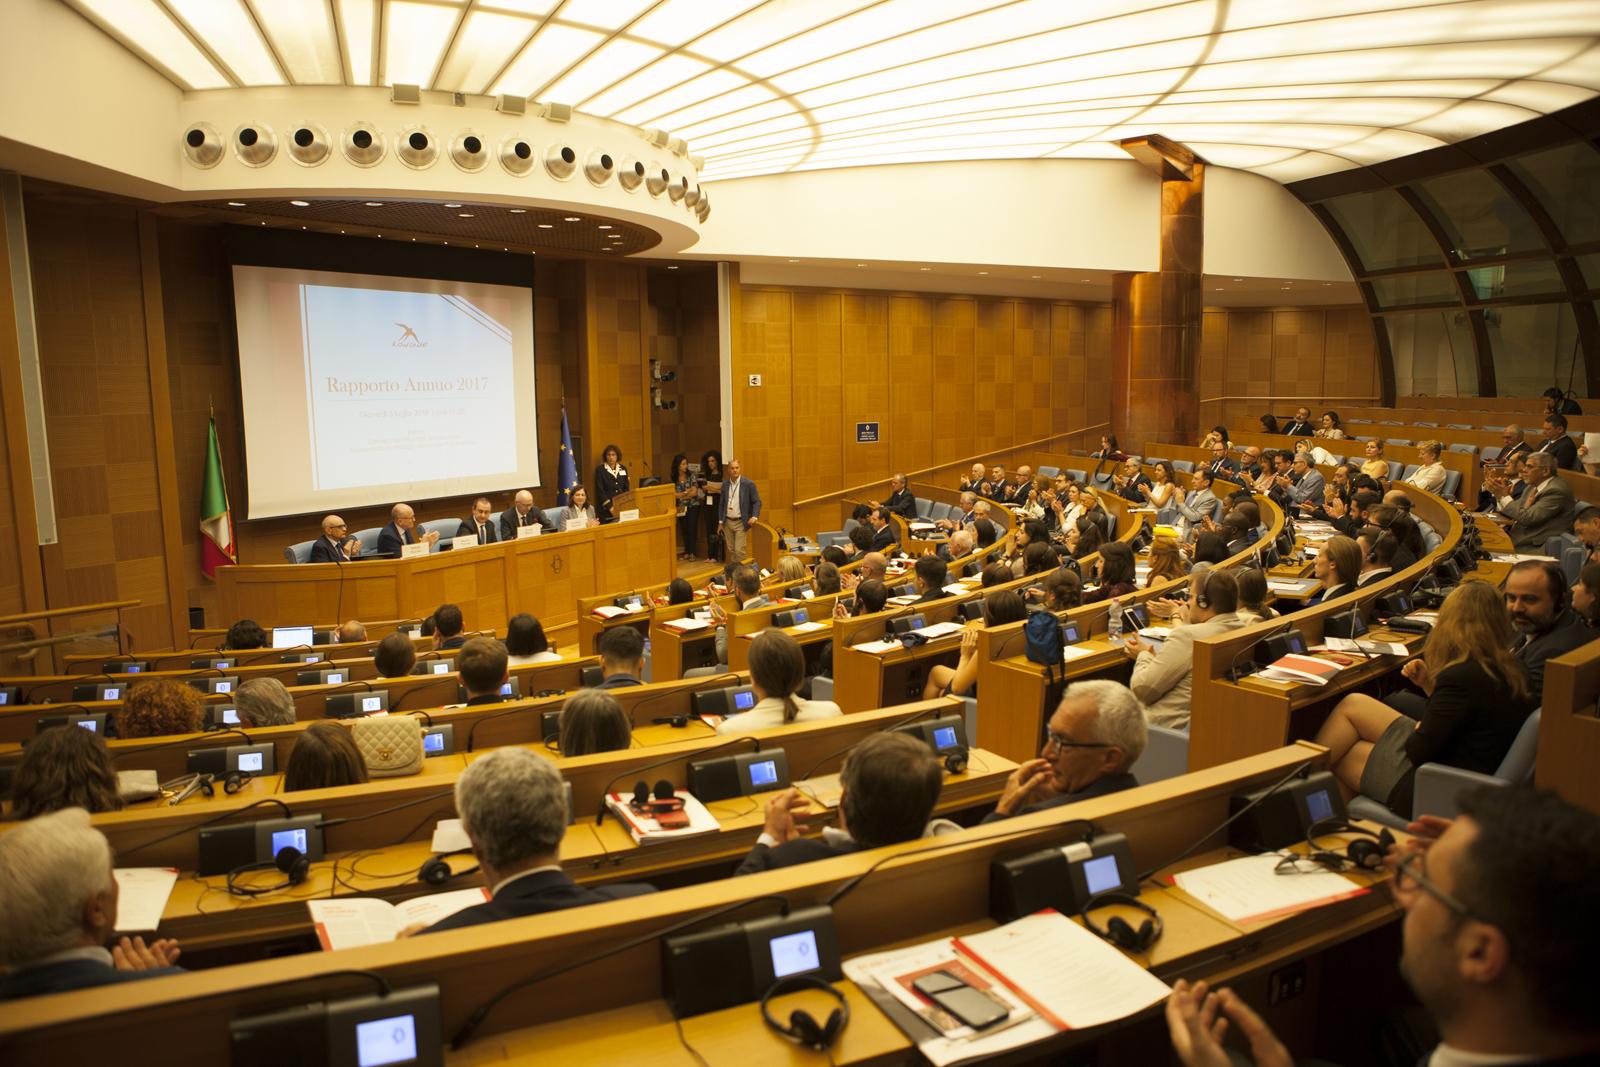 Rapporto Annuo 2018, al Senato della Repubblica un primo bilancio della campagna globale Leaders for Peace